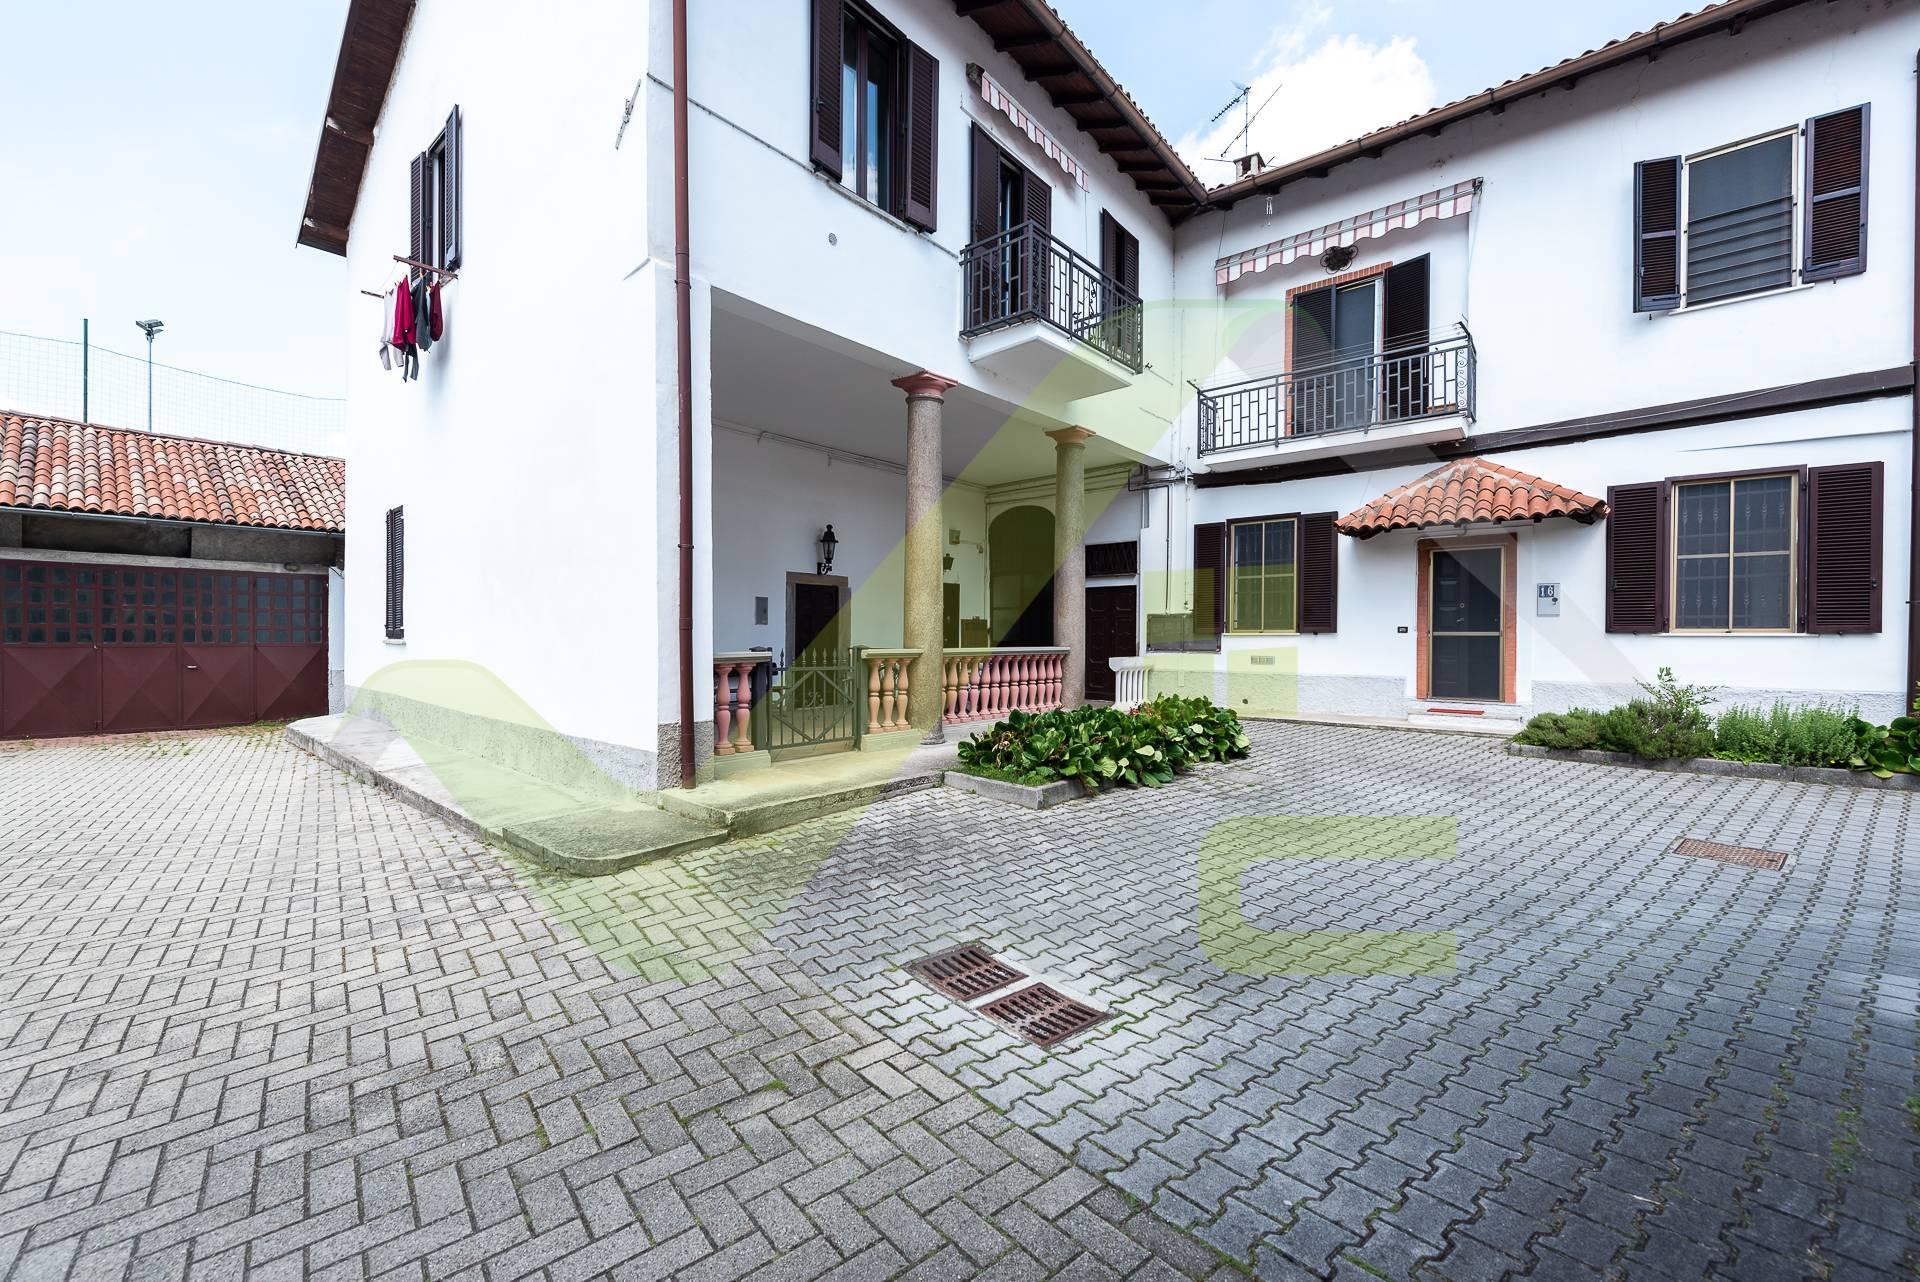 Appartamento in vendita a Settala, 2 locali, prezzo € 95.000 | PortaleAgenzieImmobiliari.it